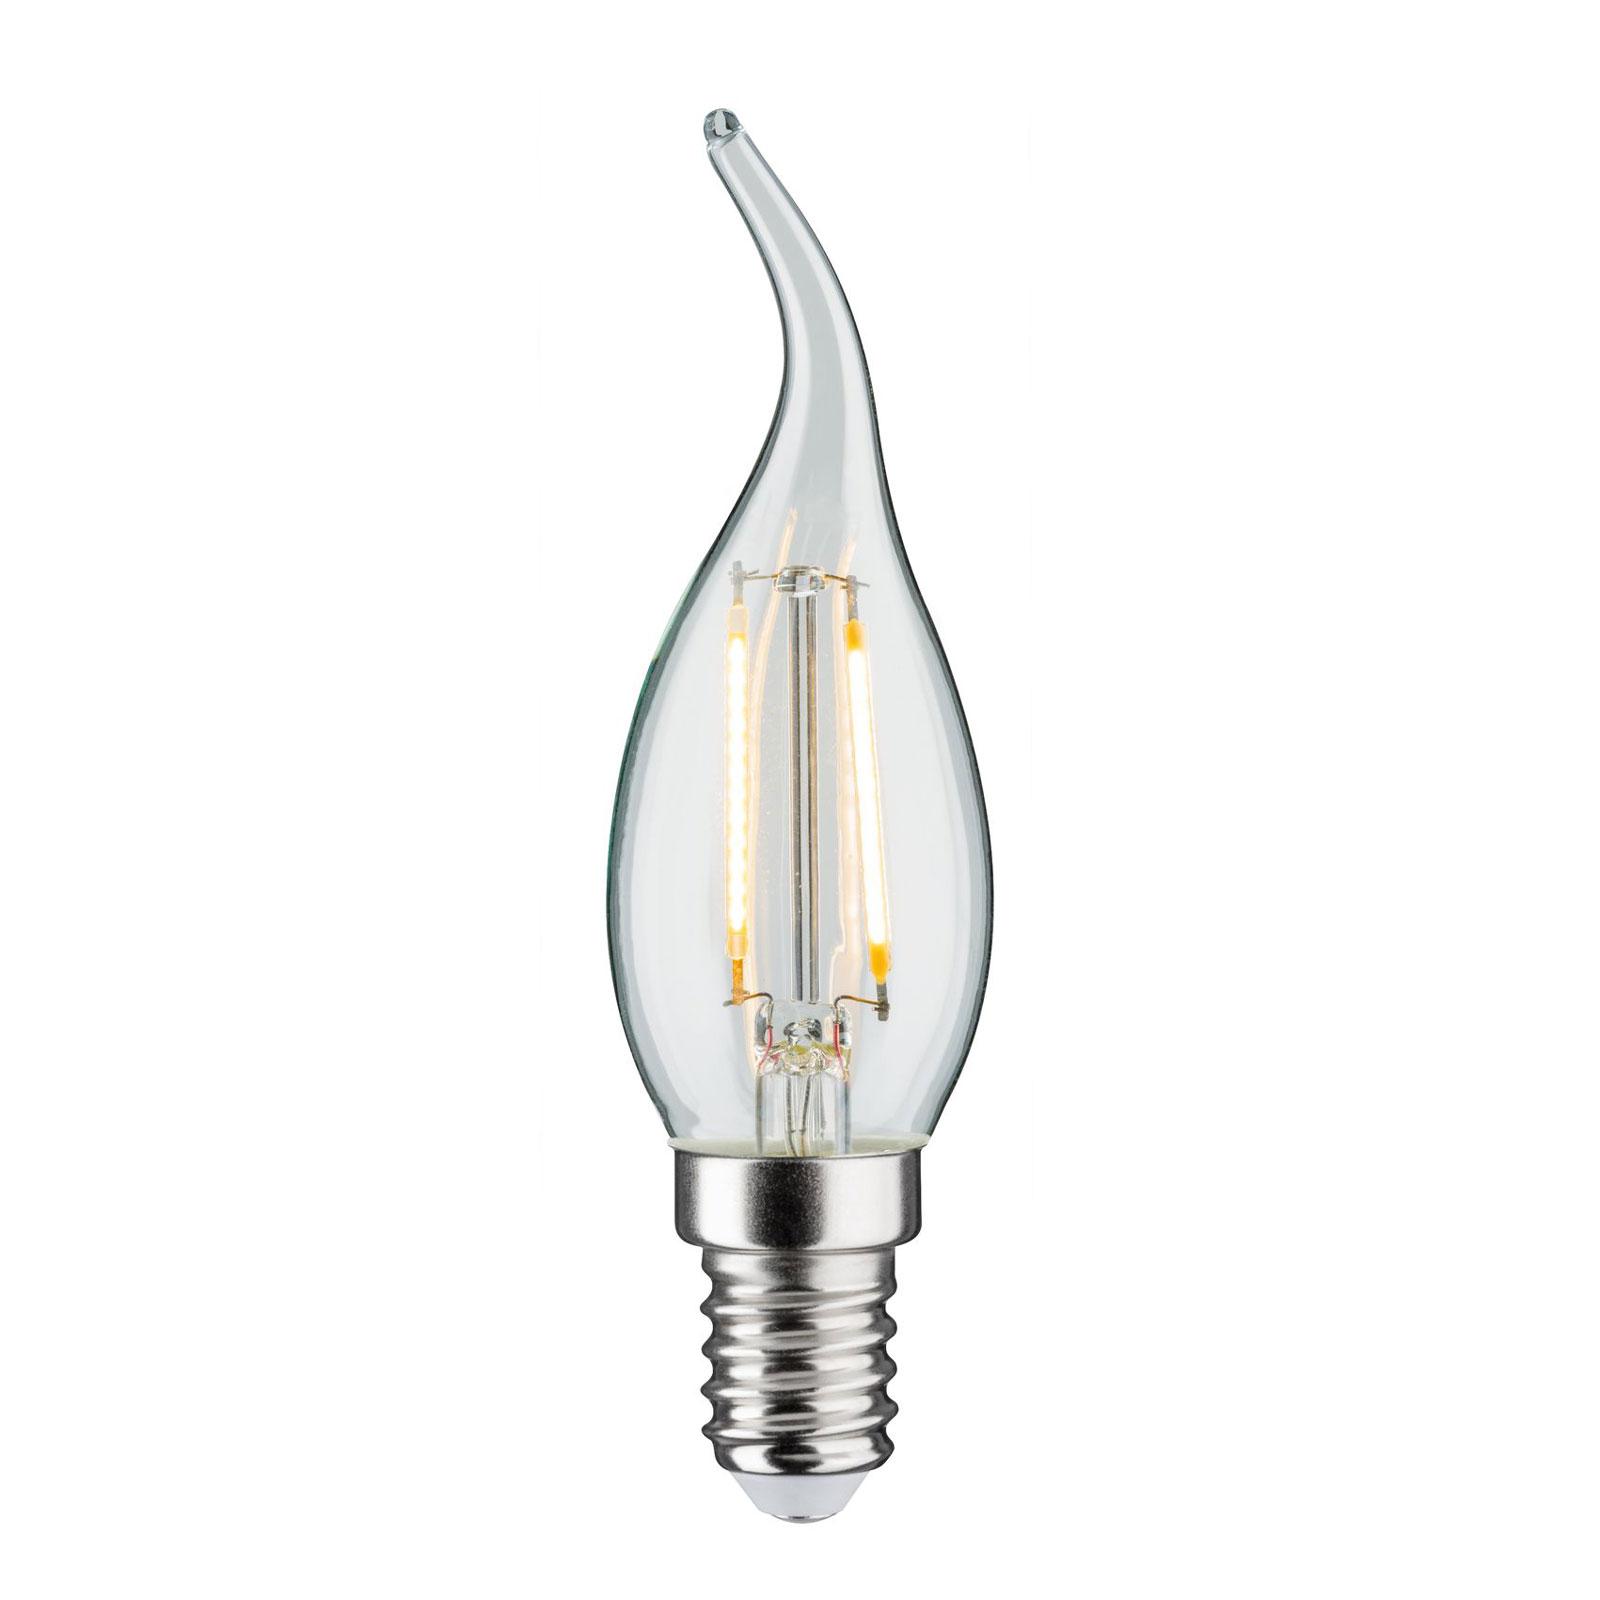 LED-Kerzenlampe E14 2,8W Fil. 2.700K Windstoß klar